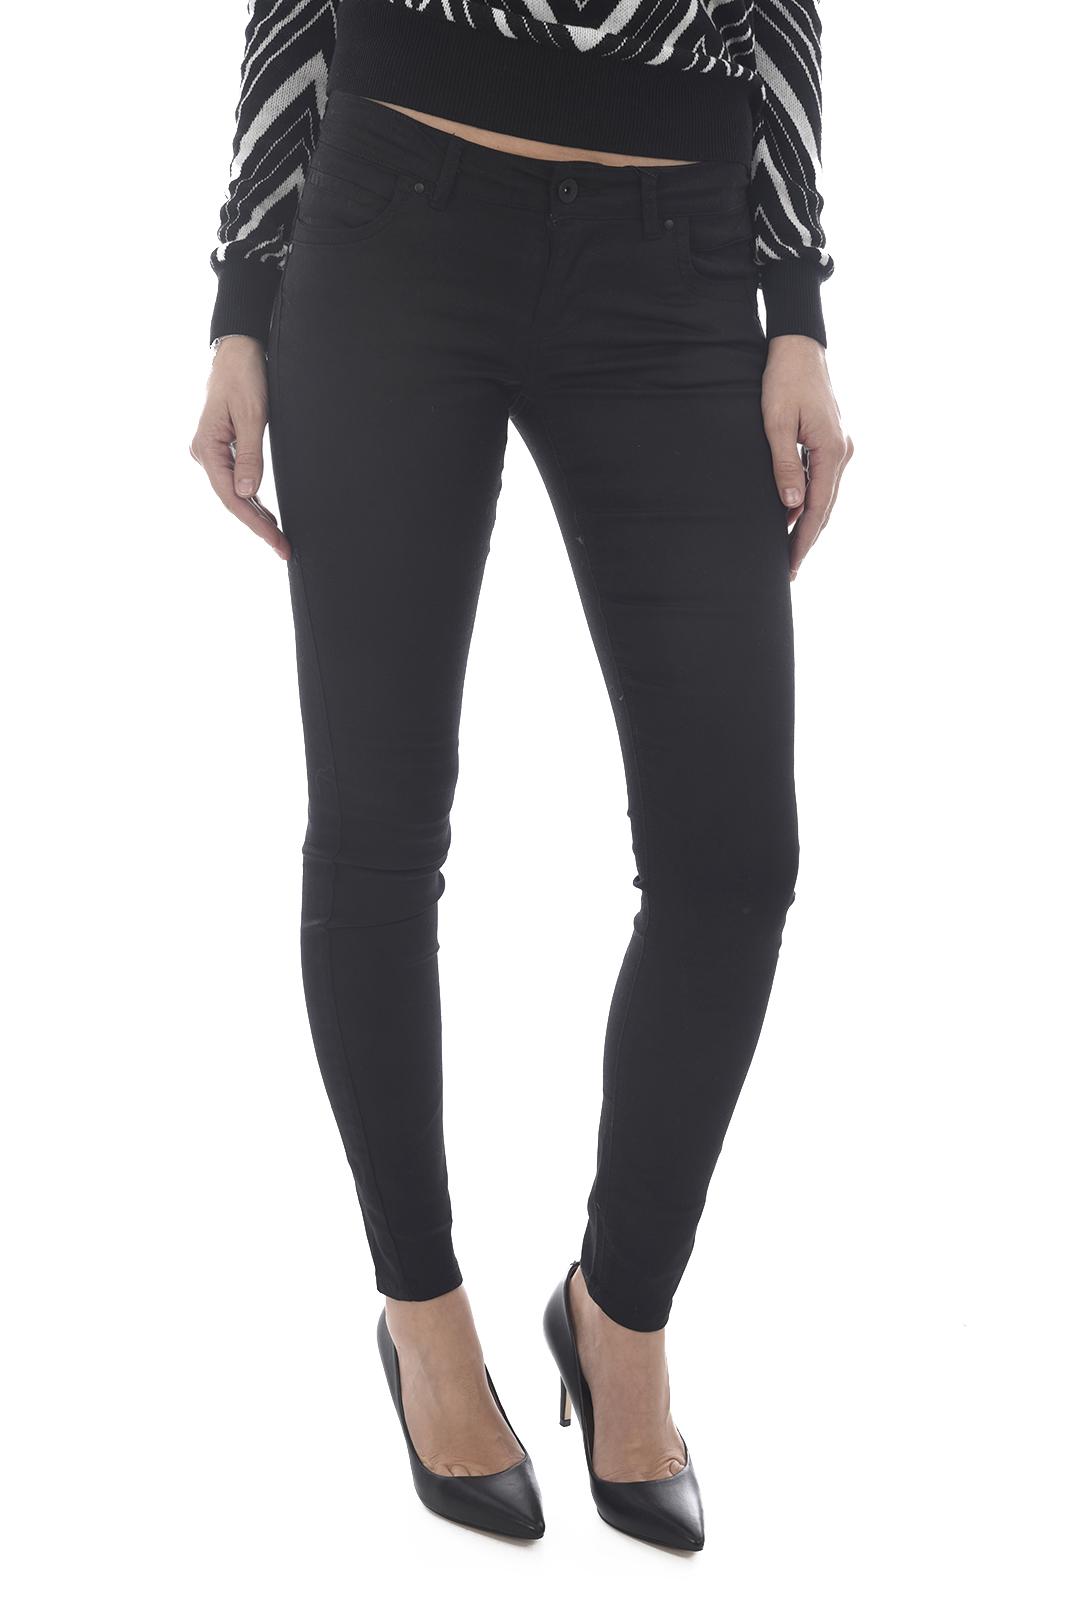 Chaussures de ville  Guess jeans FLBE74 LEA08 BLACK